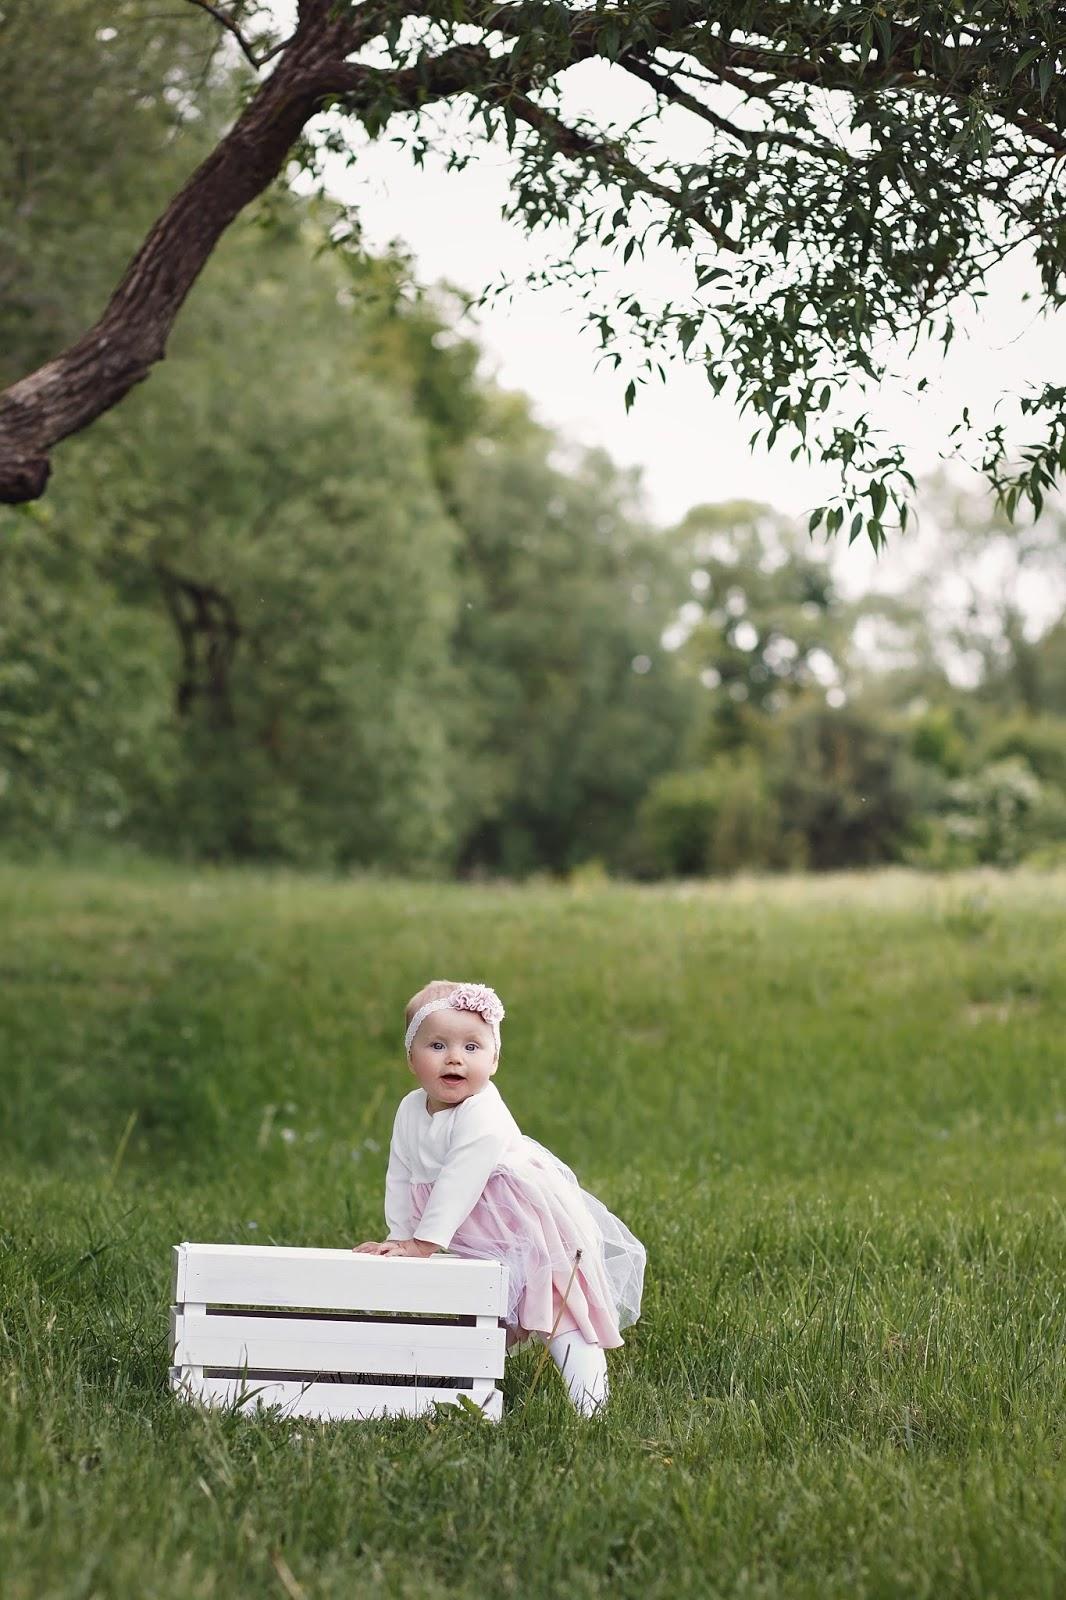 Krikštynų fotosesijos idėjos gamtoje